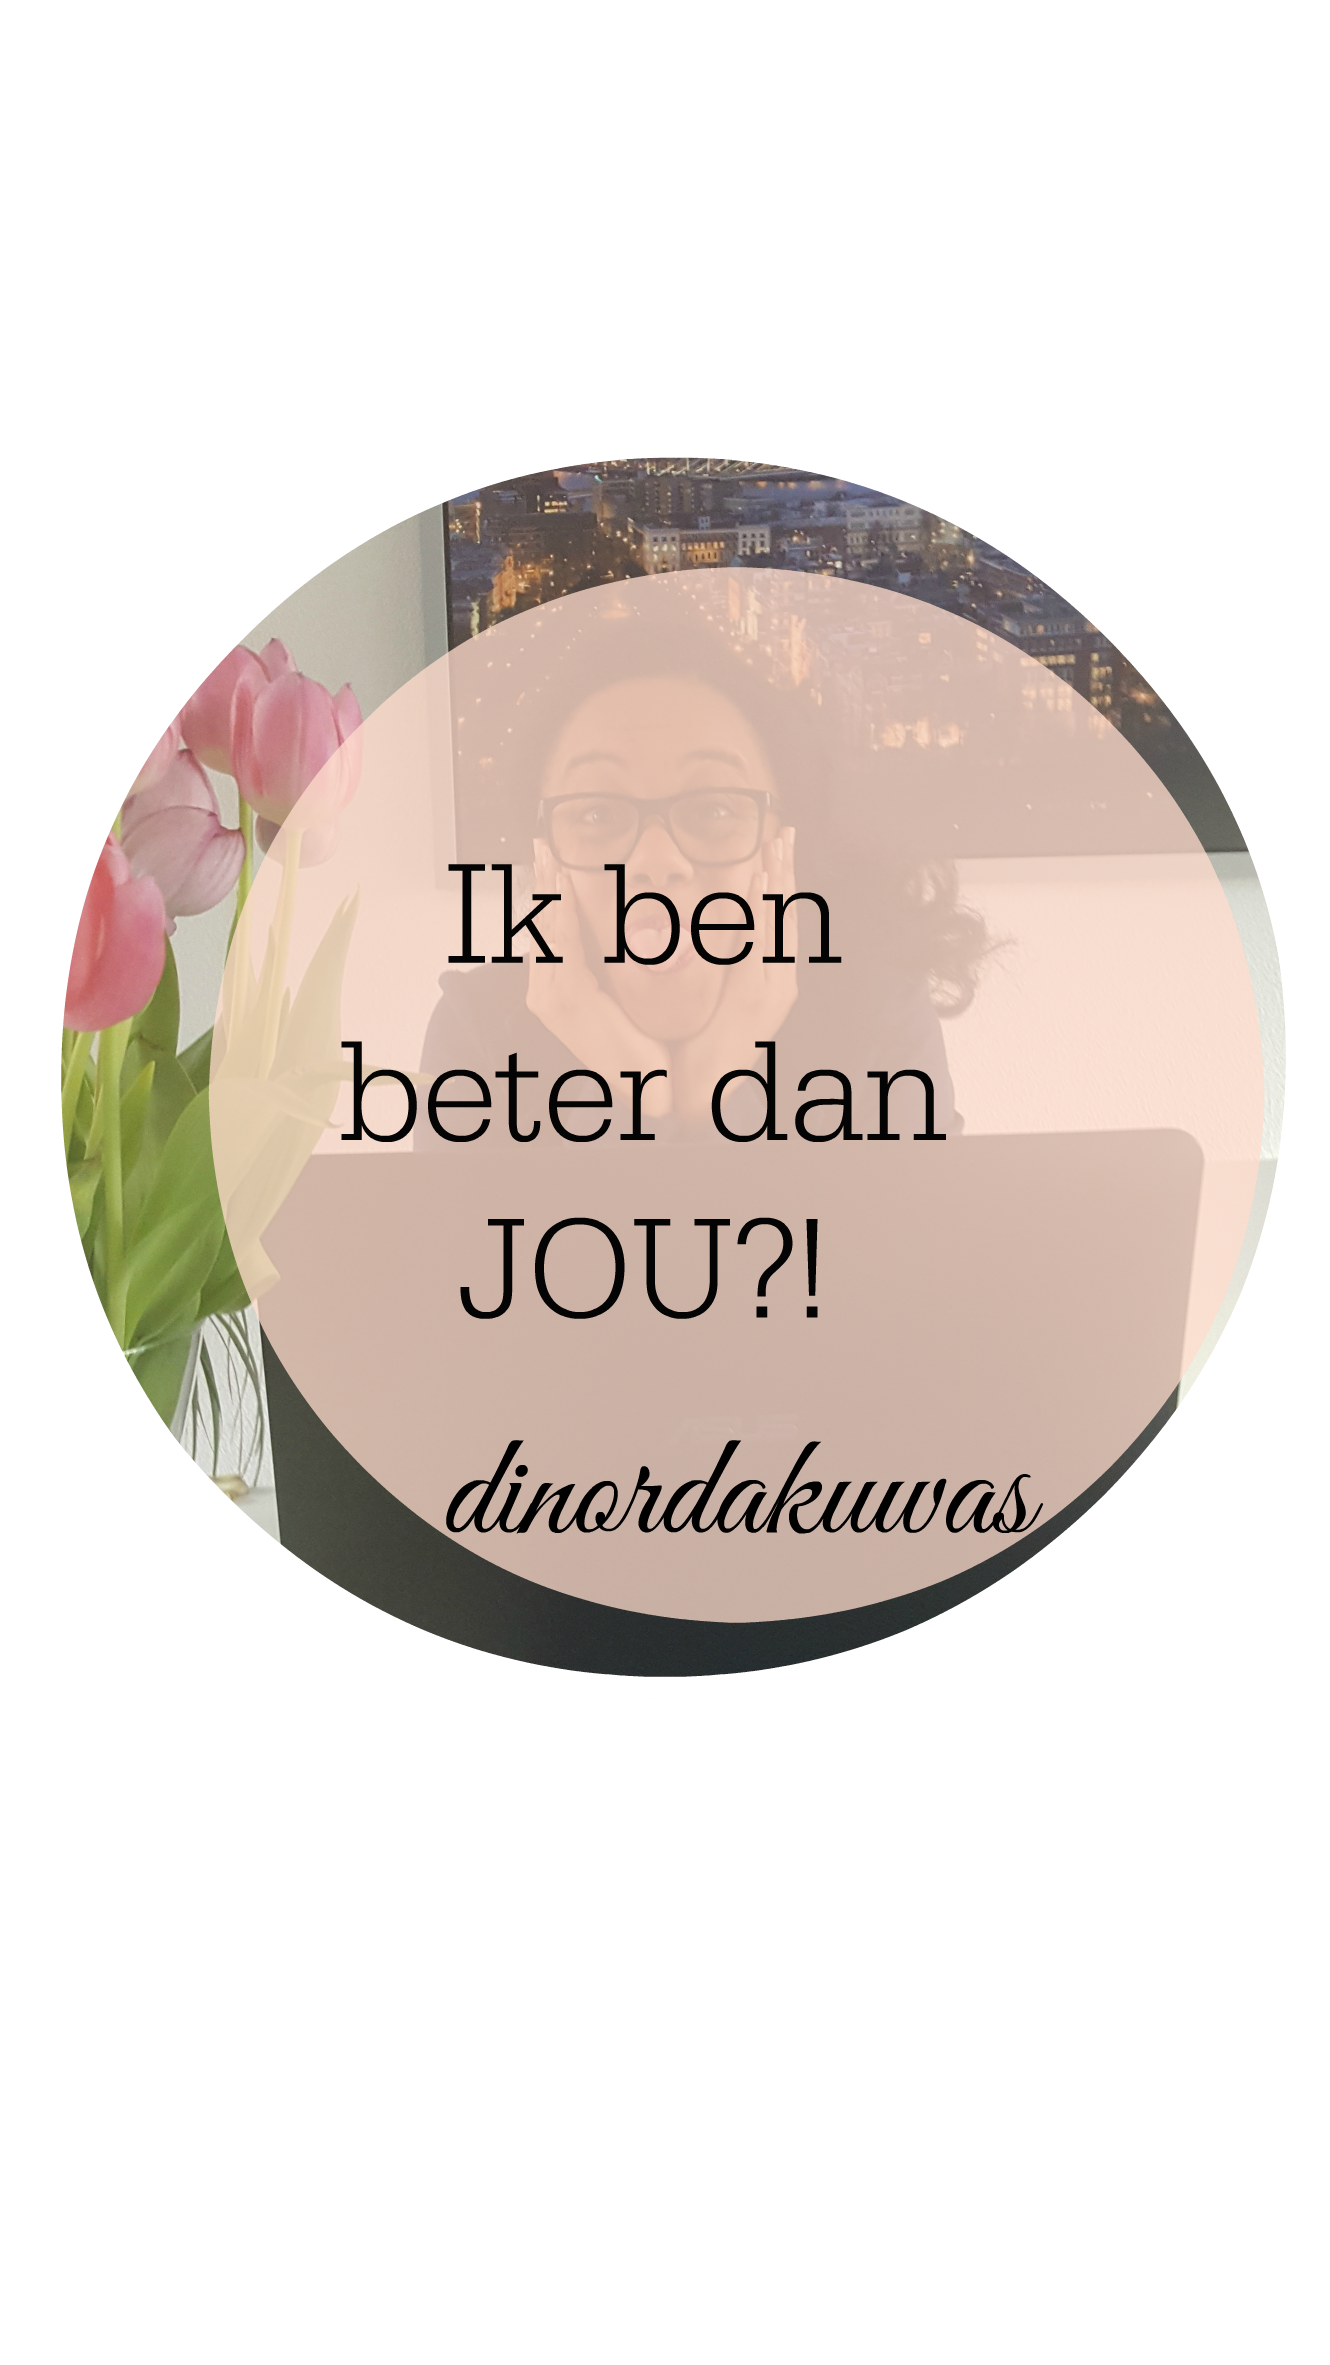 Ik ben beter dan jou! Hoe zit het met de ander? Dit is echter niet waar het bij God om draait. Hij zegt in Zijn woord acht jezelf niet beter dan de ander! Hoe zit dat bij jou? www.dinordakuwas.nl